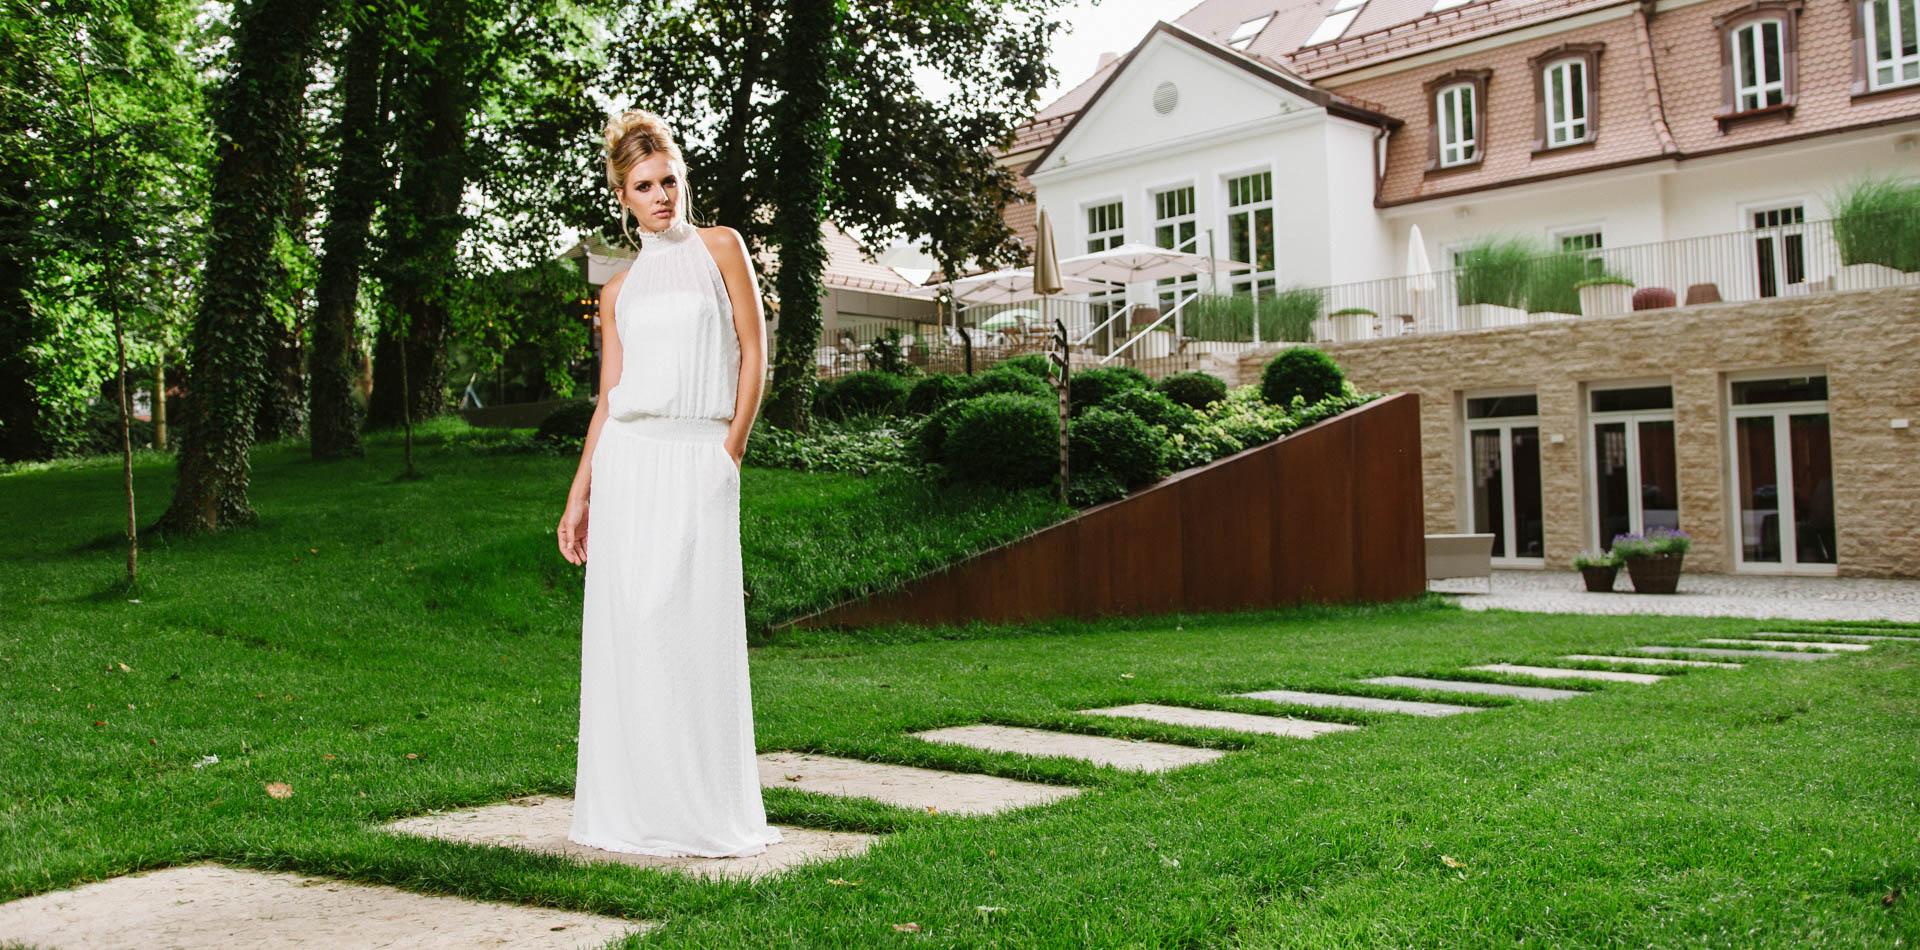 New Boho Brautkleid aus Punktechiffon mit Stehkragen und Taschen – Daphne